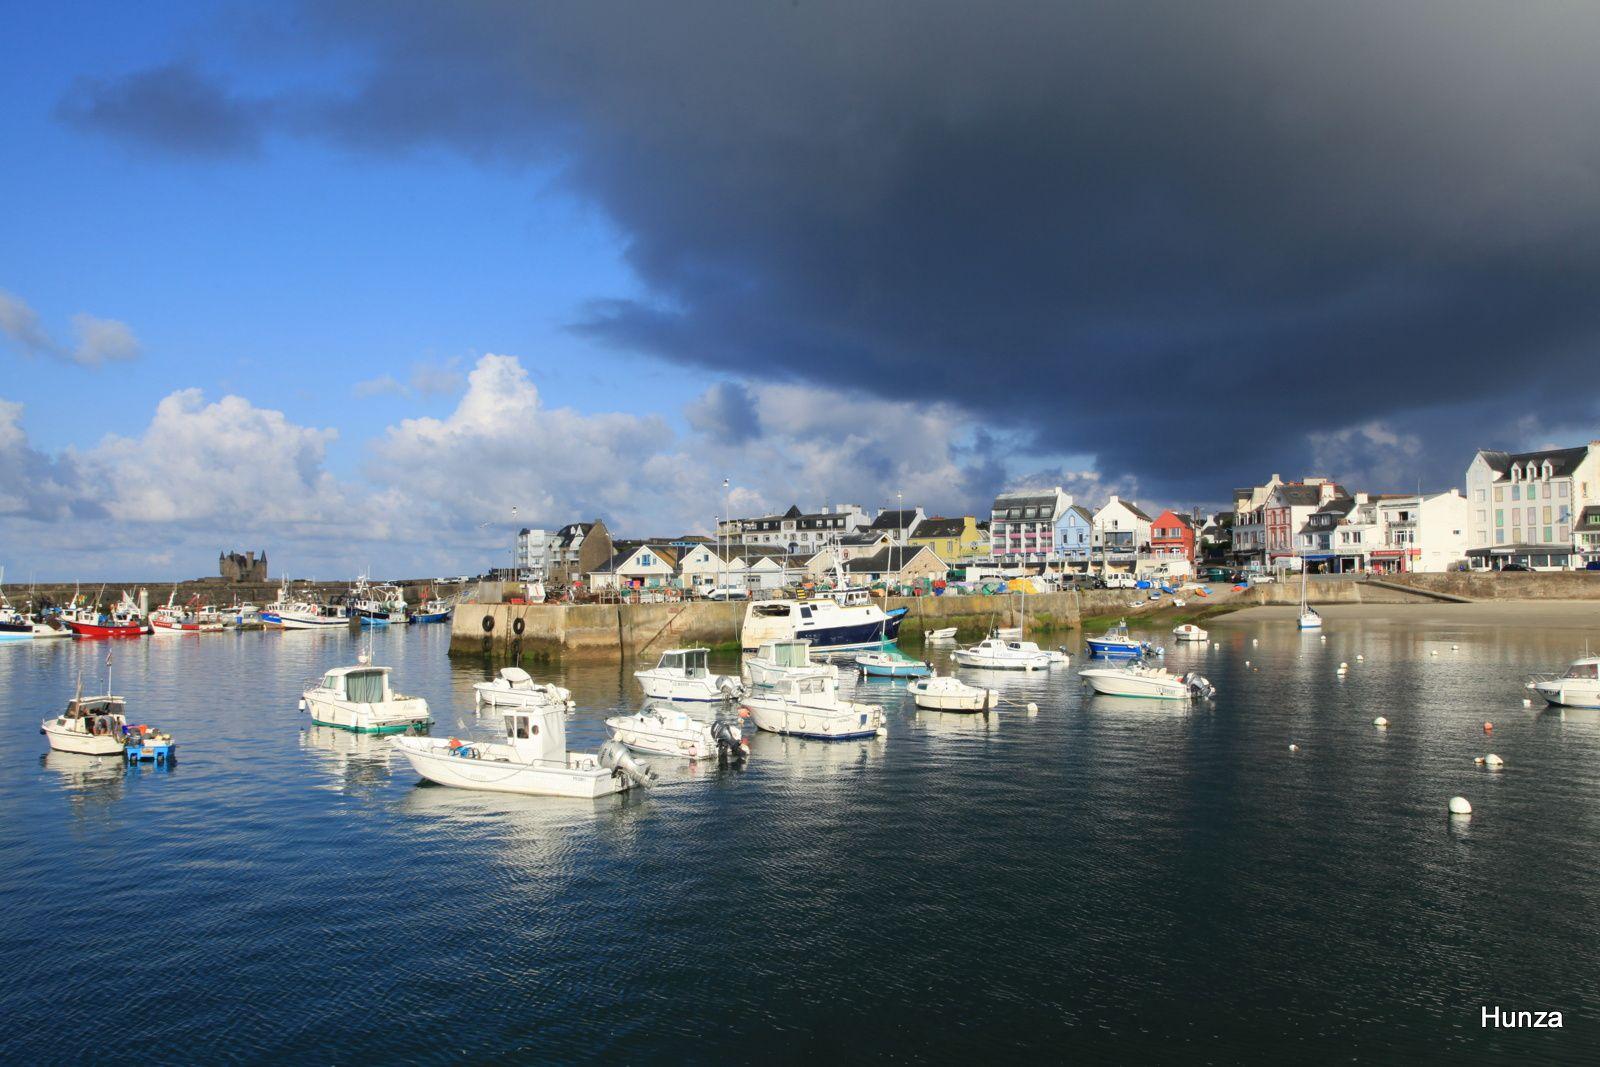 Découvrir le Morbihan : Vannes, Auray, Carnac, la presqu'île de Quiberon et l'île d'Houat